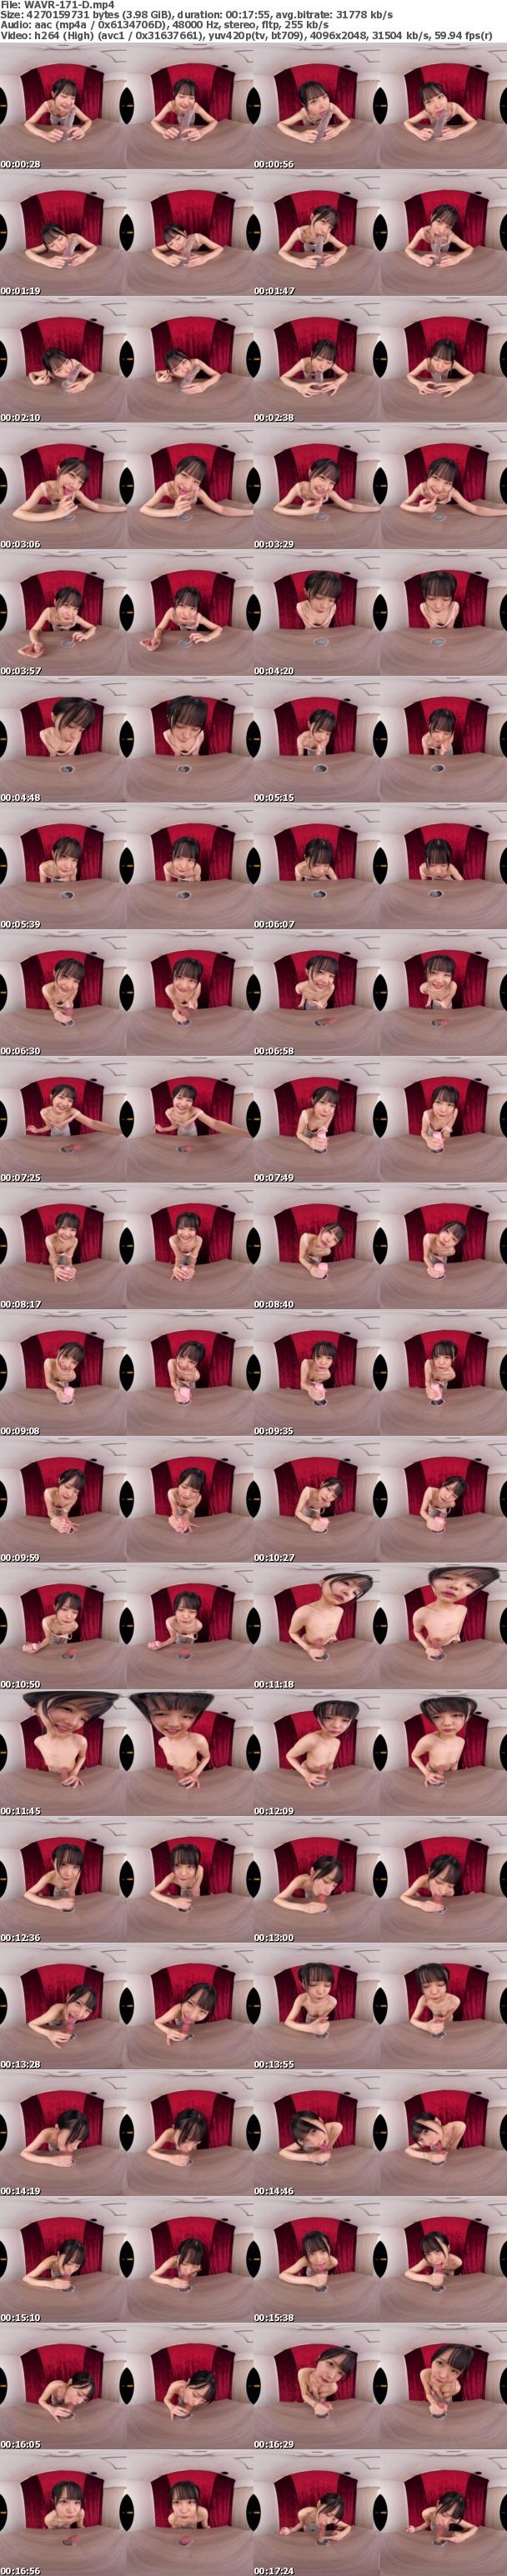 (VR) WAVR-171 フェラ顔じっくり!!舐め音くっきり!! 机の穴から出たチ○ポを至近距離でフェラしつづけるVR クリアディルド舐め!パンツ上&下愛撫!オナホコキ!濃厚フェラ!男性の身体が映っていないから激シコできる高画質フェラ保存版!!